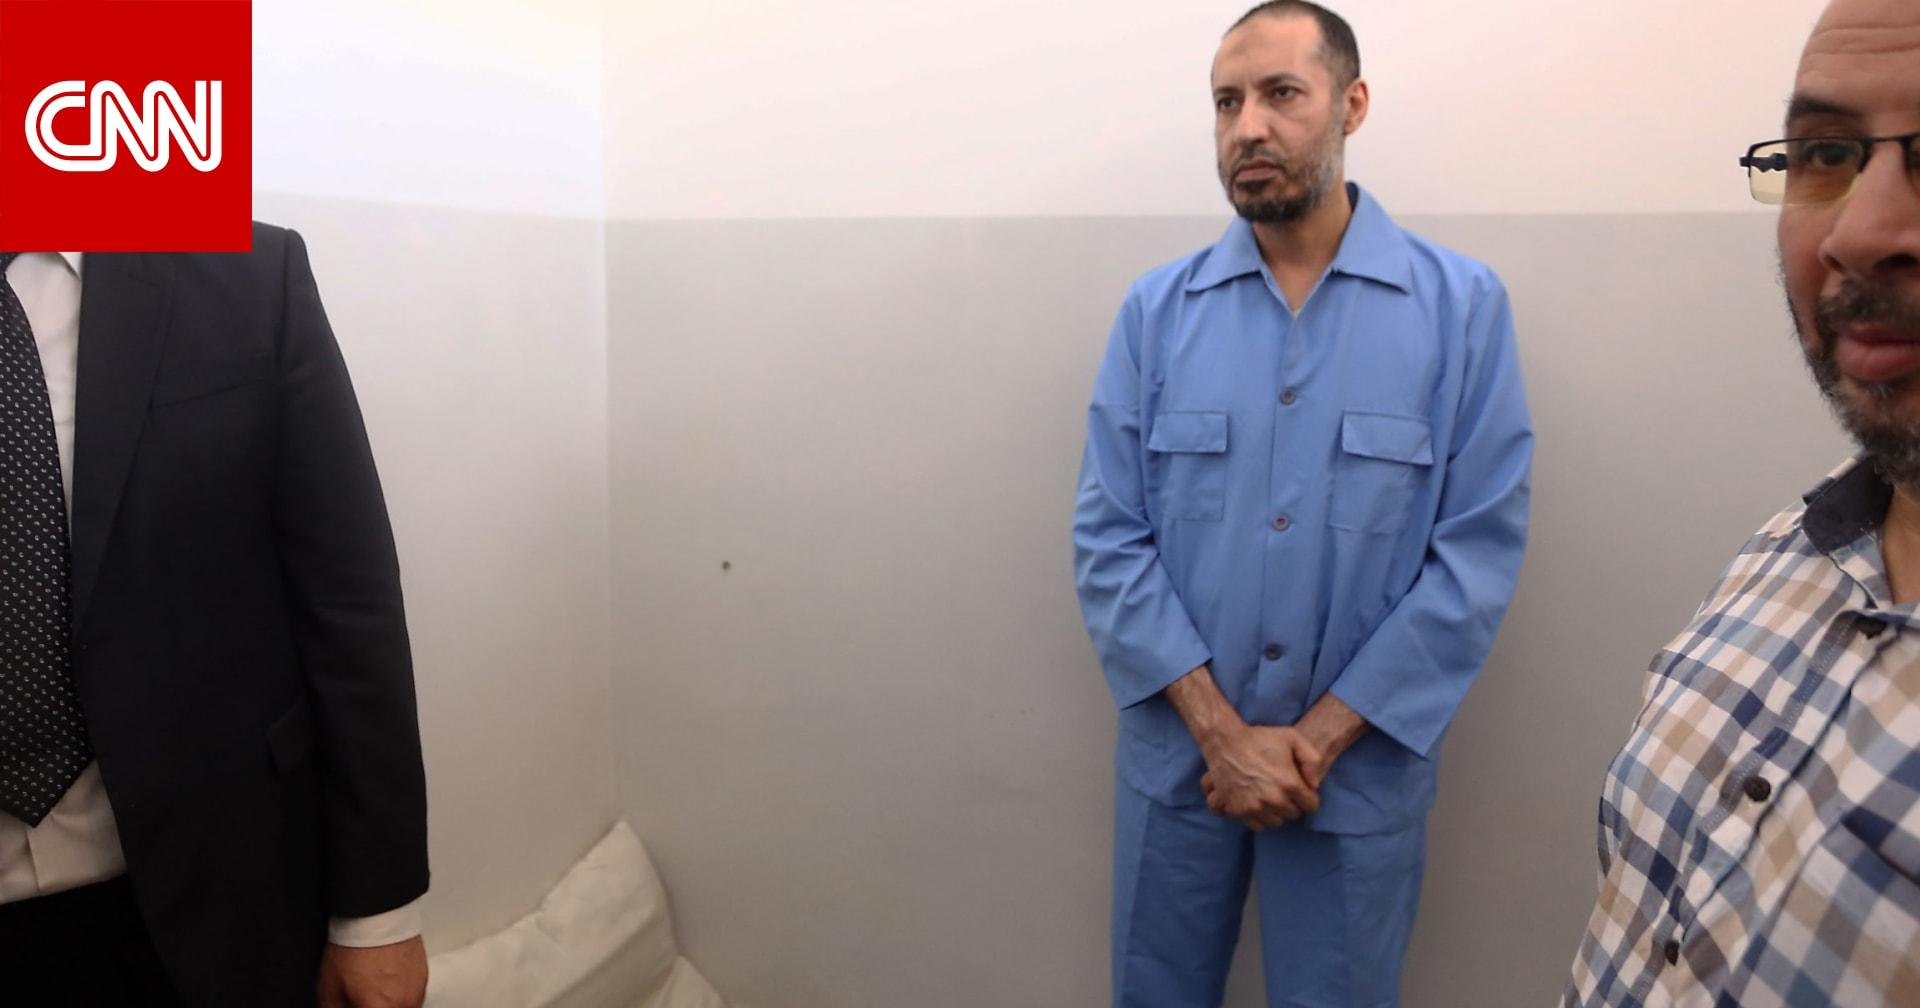 ليبيا.. الإفراج عن الساعدي القذافي وقريبه يتحدث عن توجهه إلى تركيا